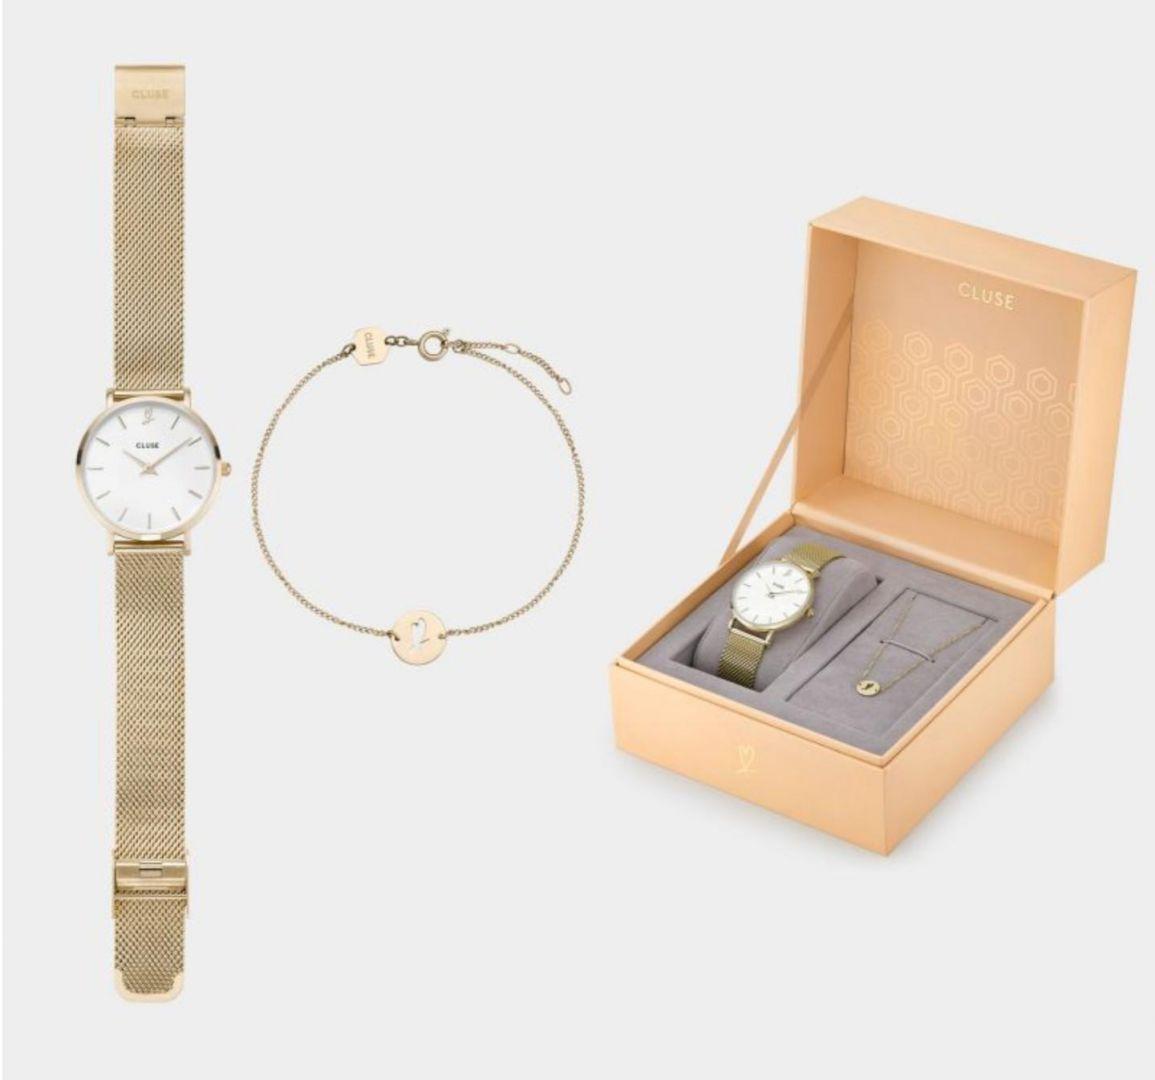 שעון יד אנלוגי cluse clg012 קלוז